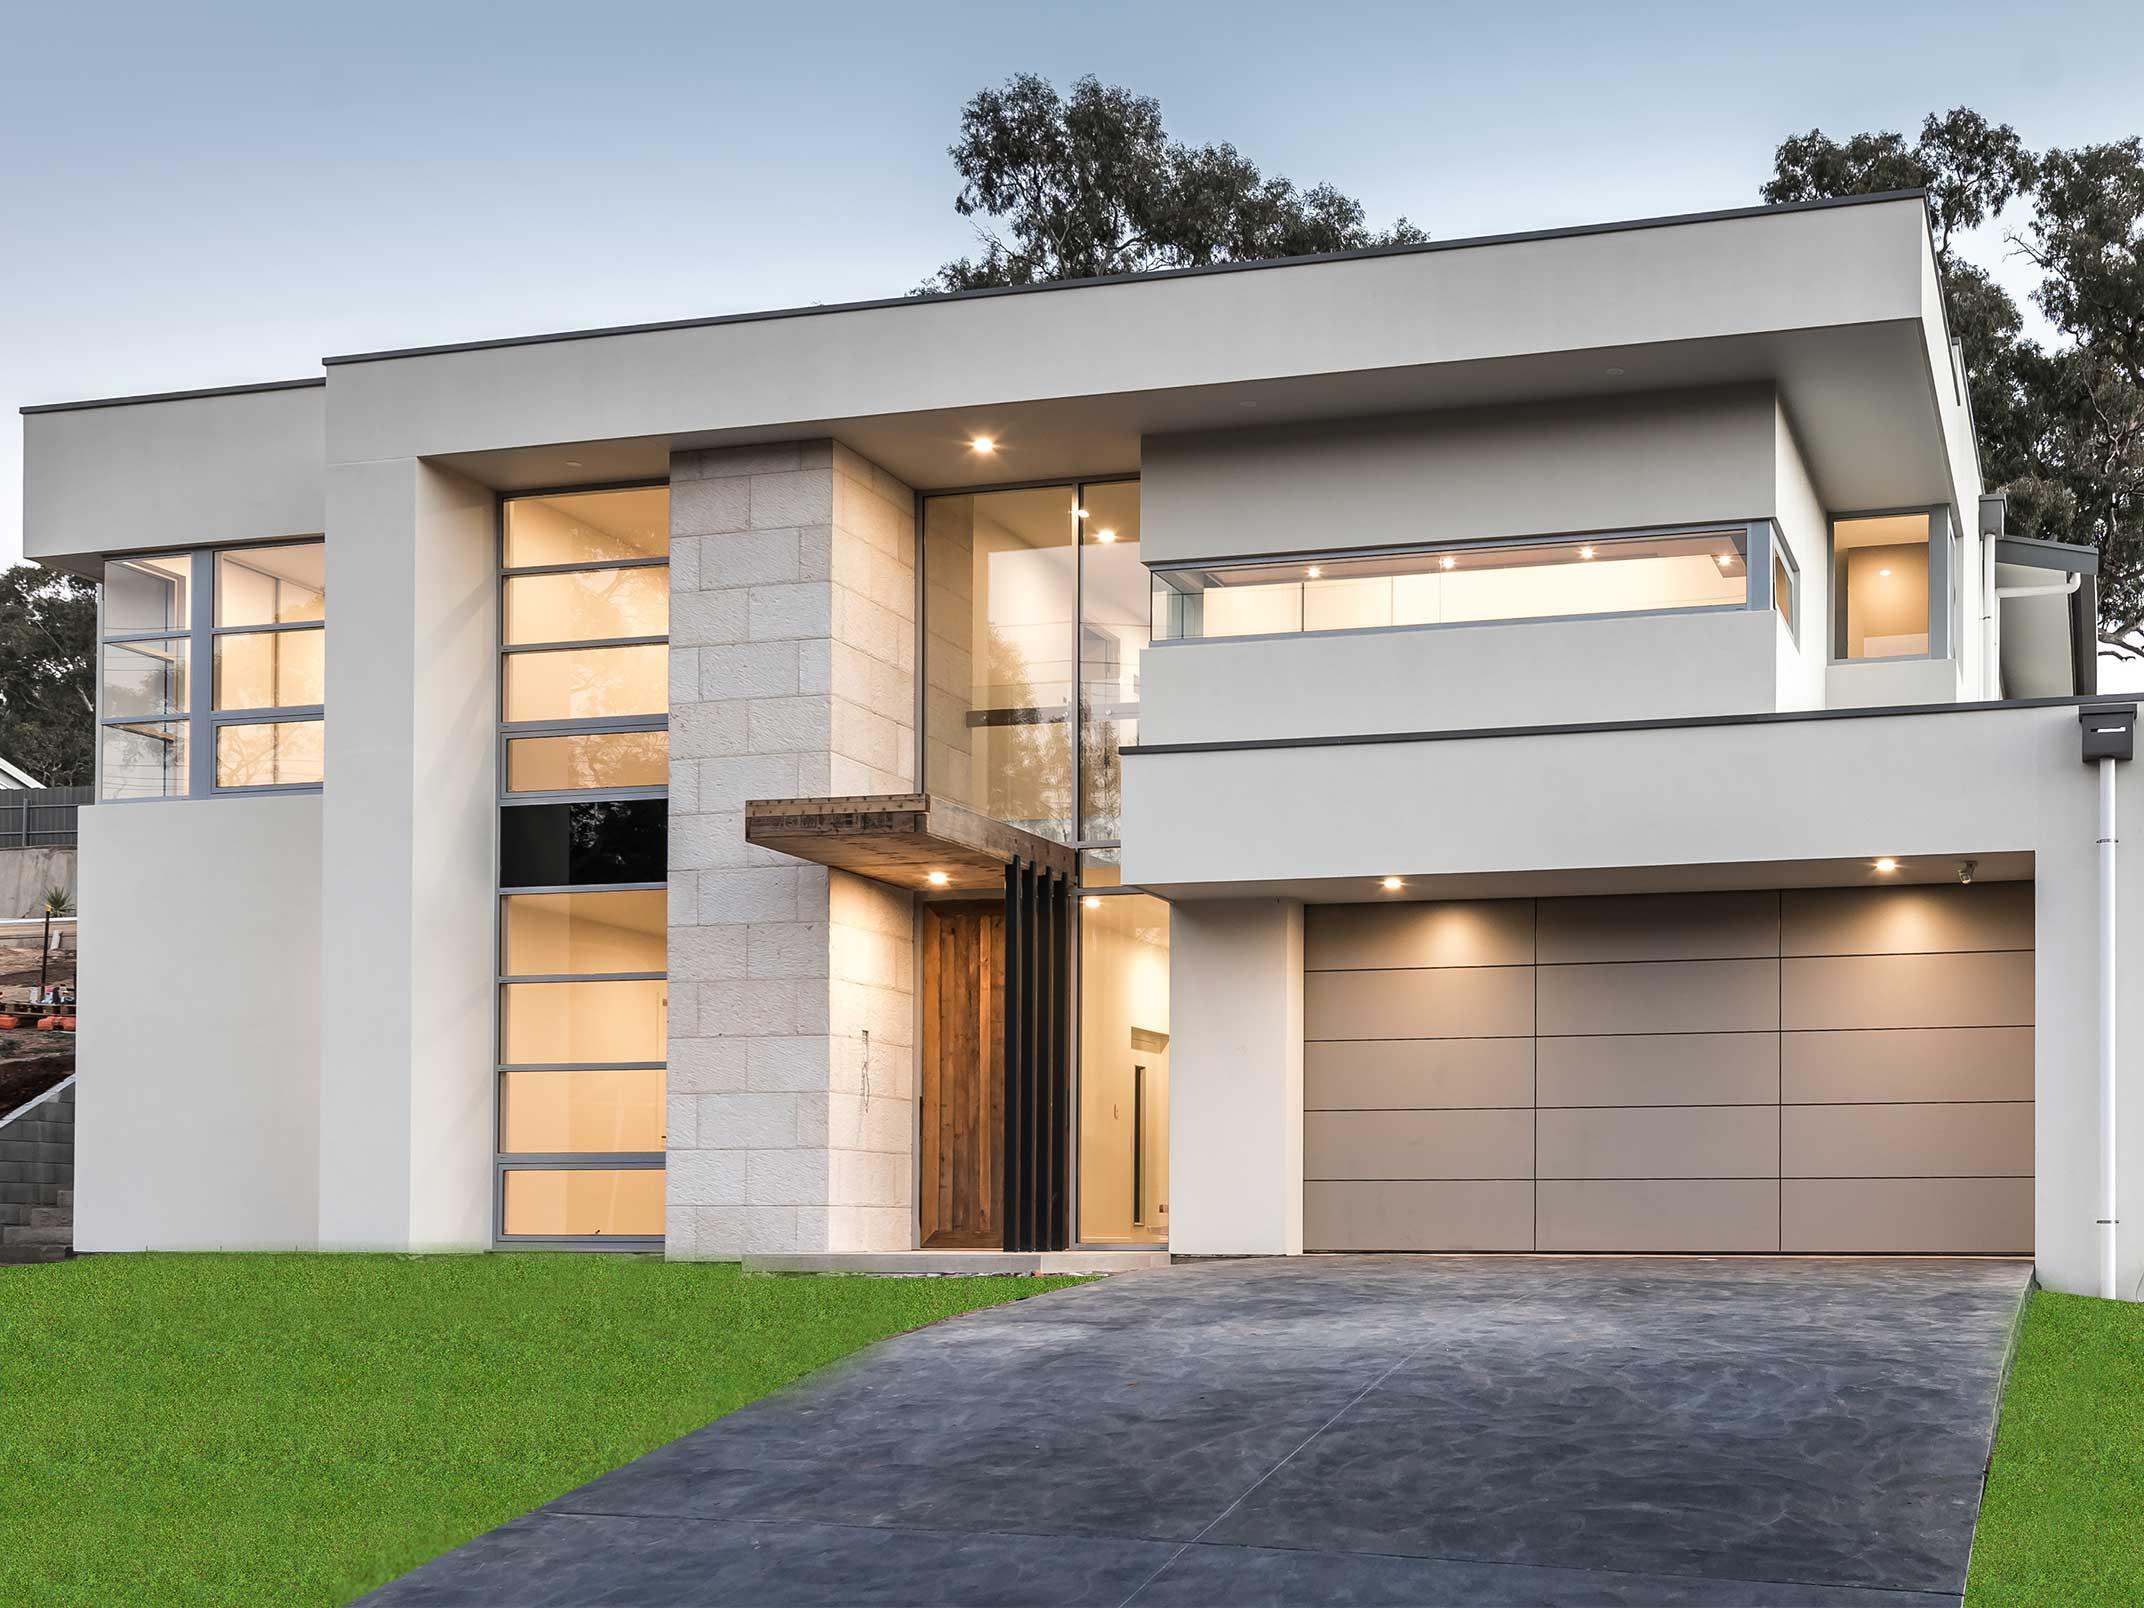 turnbull-built-new-homes-luxury-adelaide.jpg